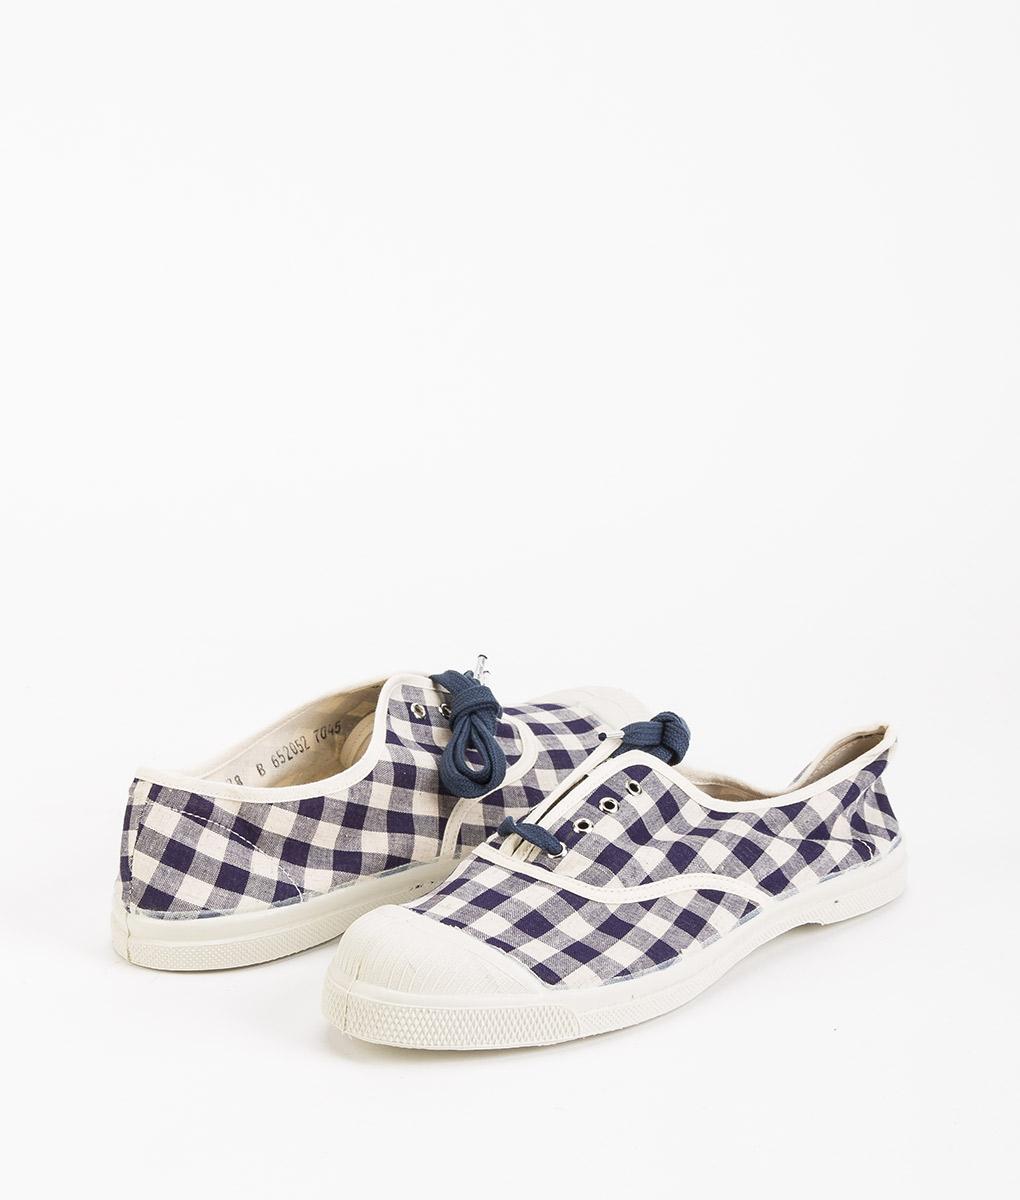 BENSIMON Women Sneakers 15004 TENNIS LACE Vichy, Navy 39.99 1